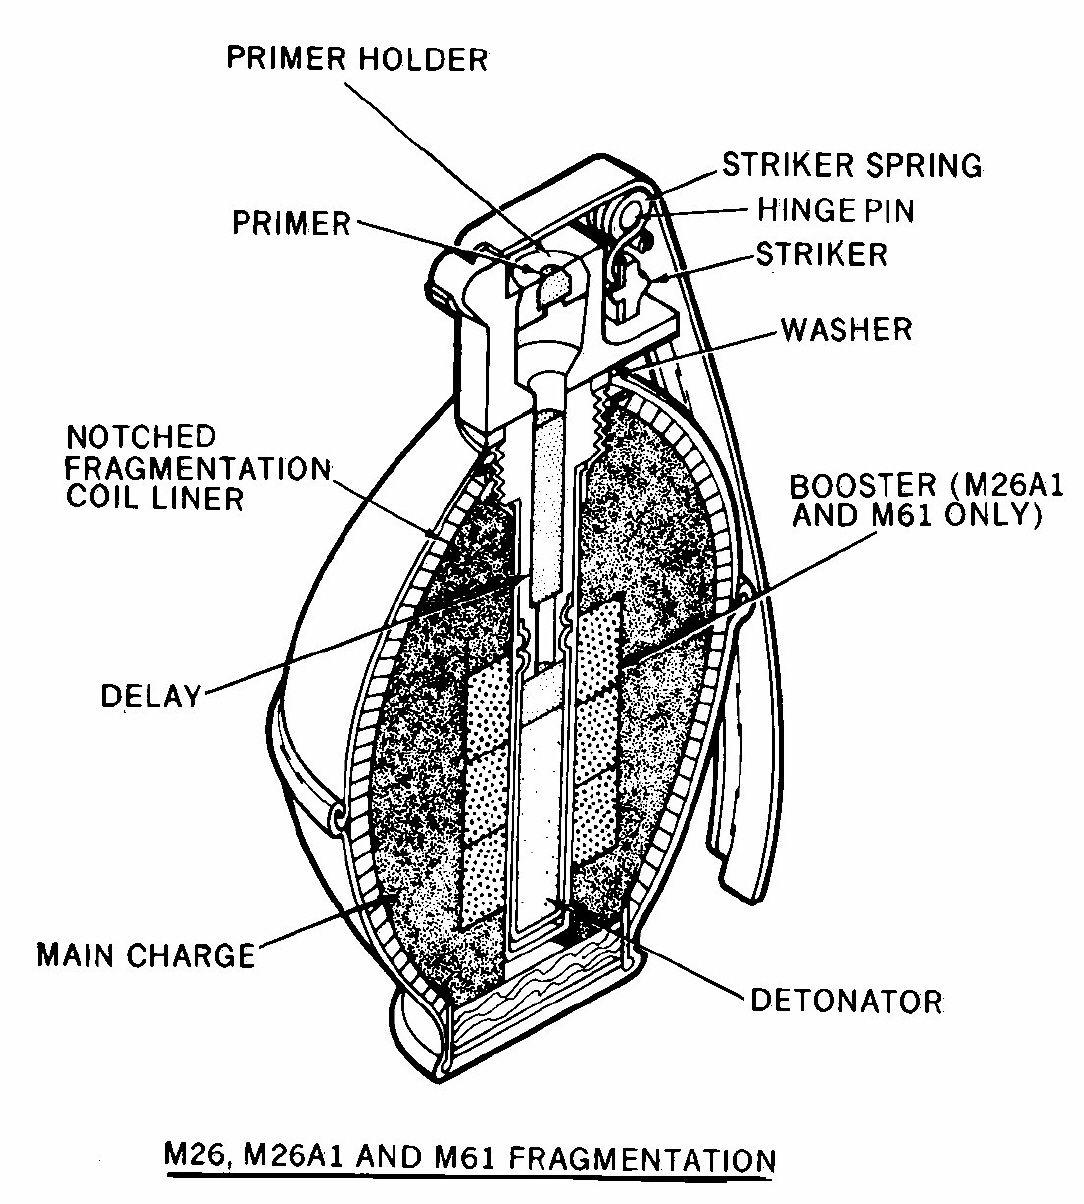 M26 M26a1 M61 Grenade Schematic